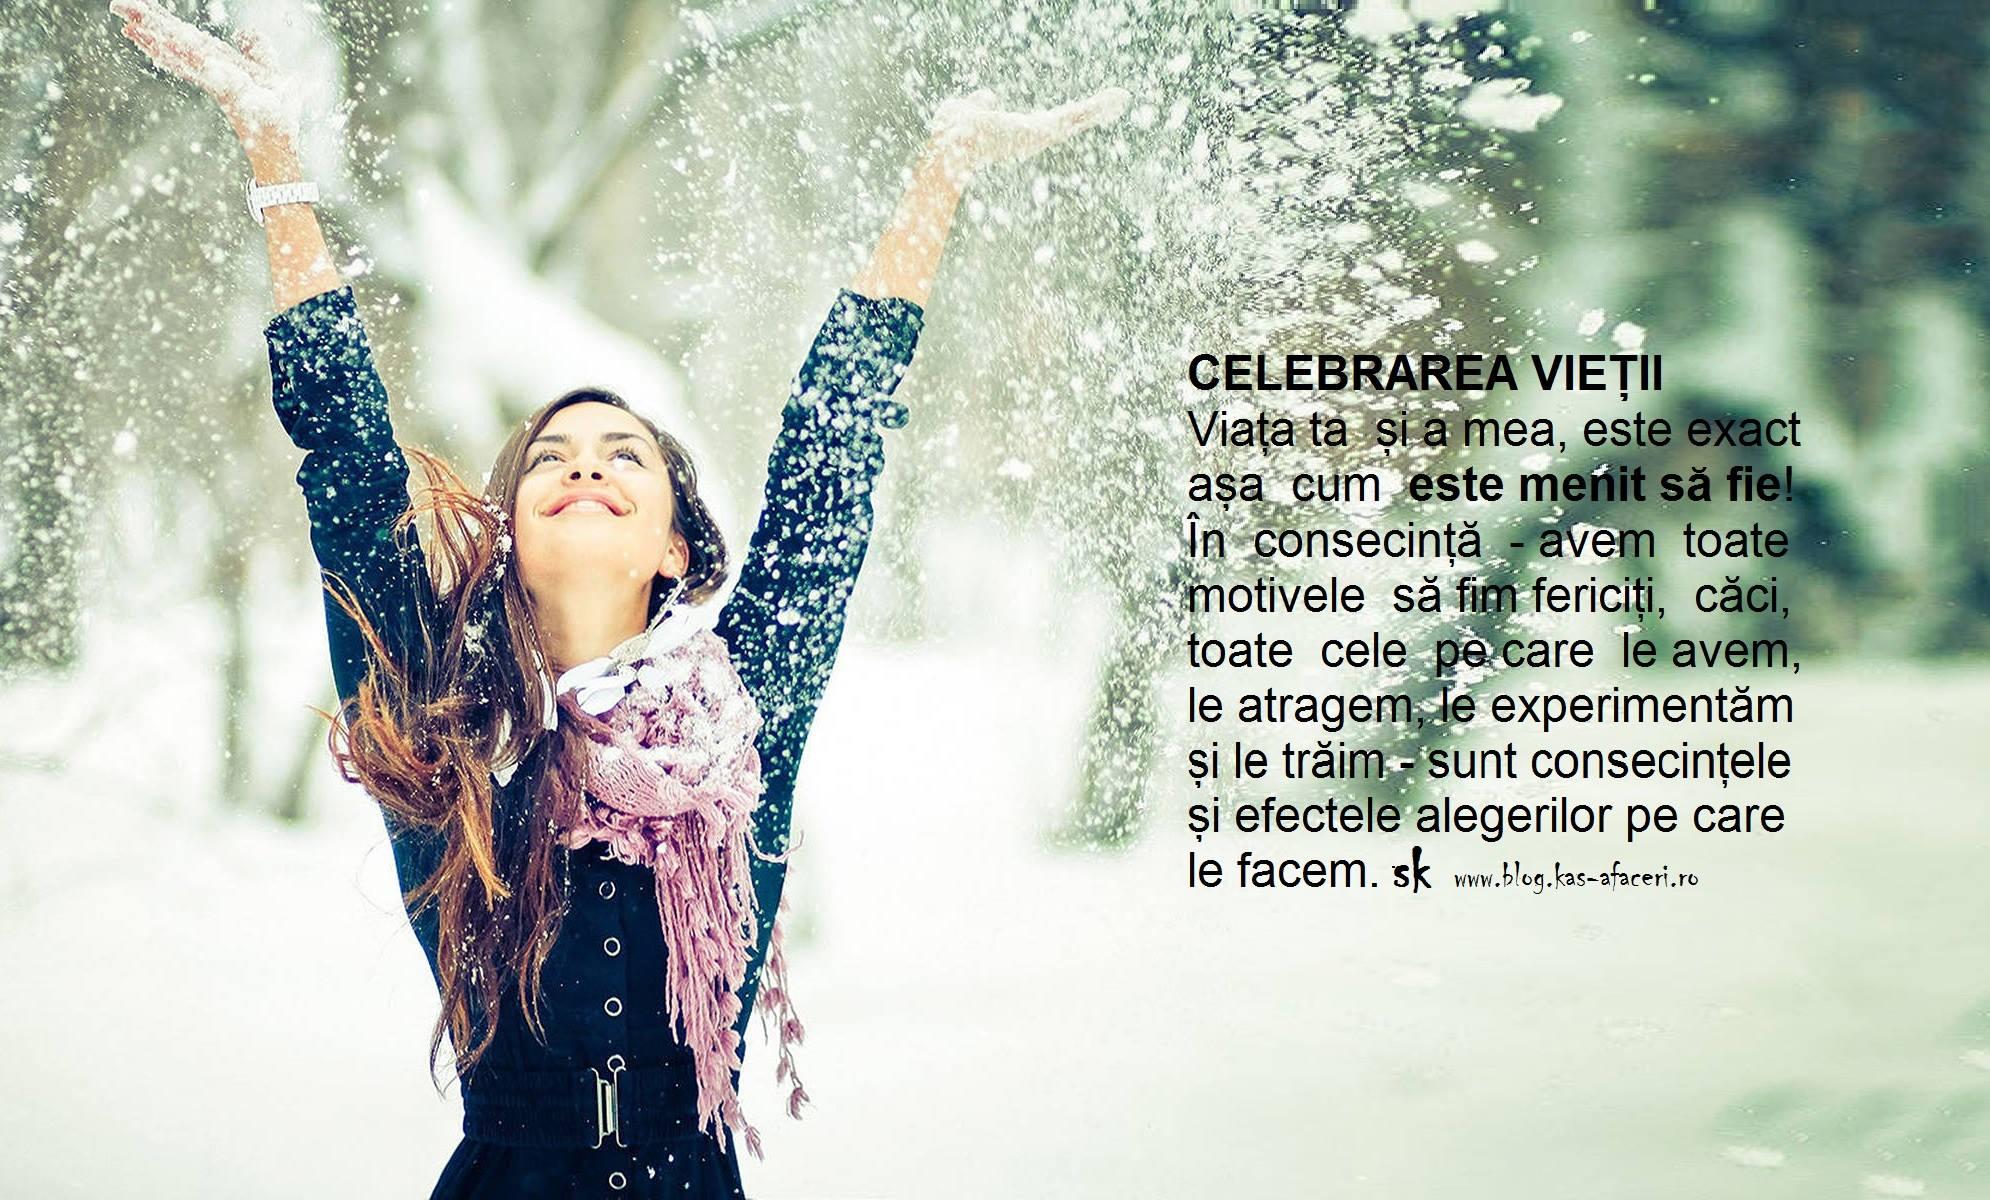 celebrarea vietii